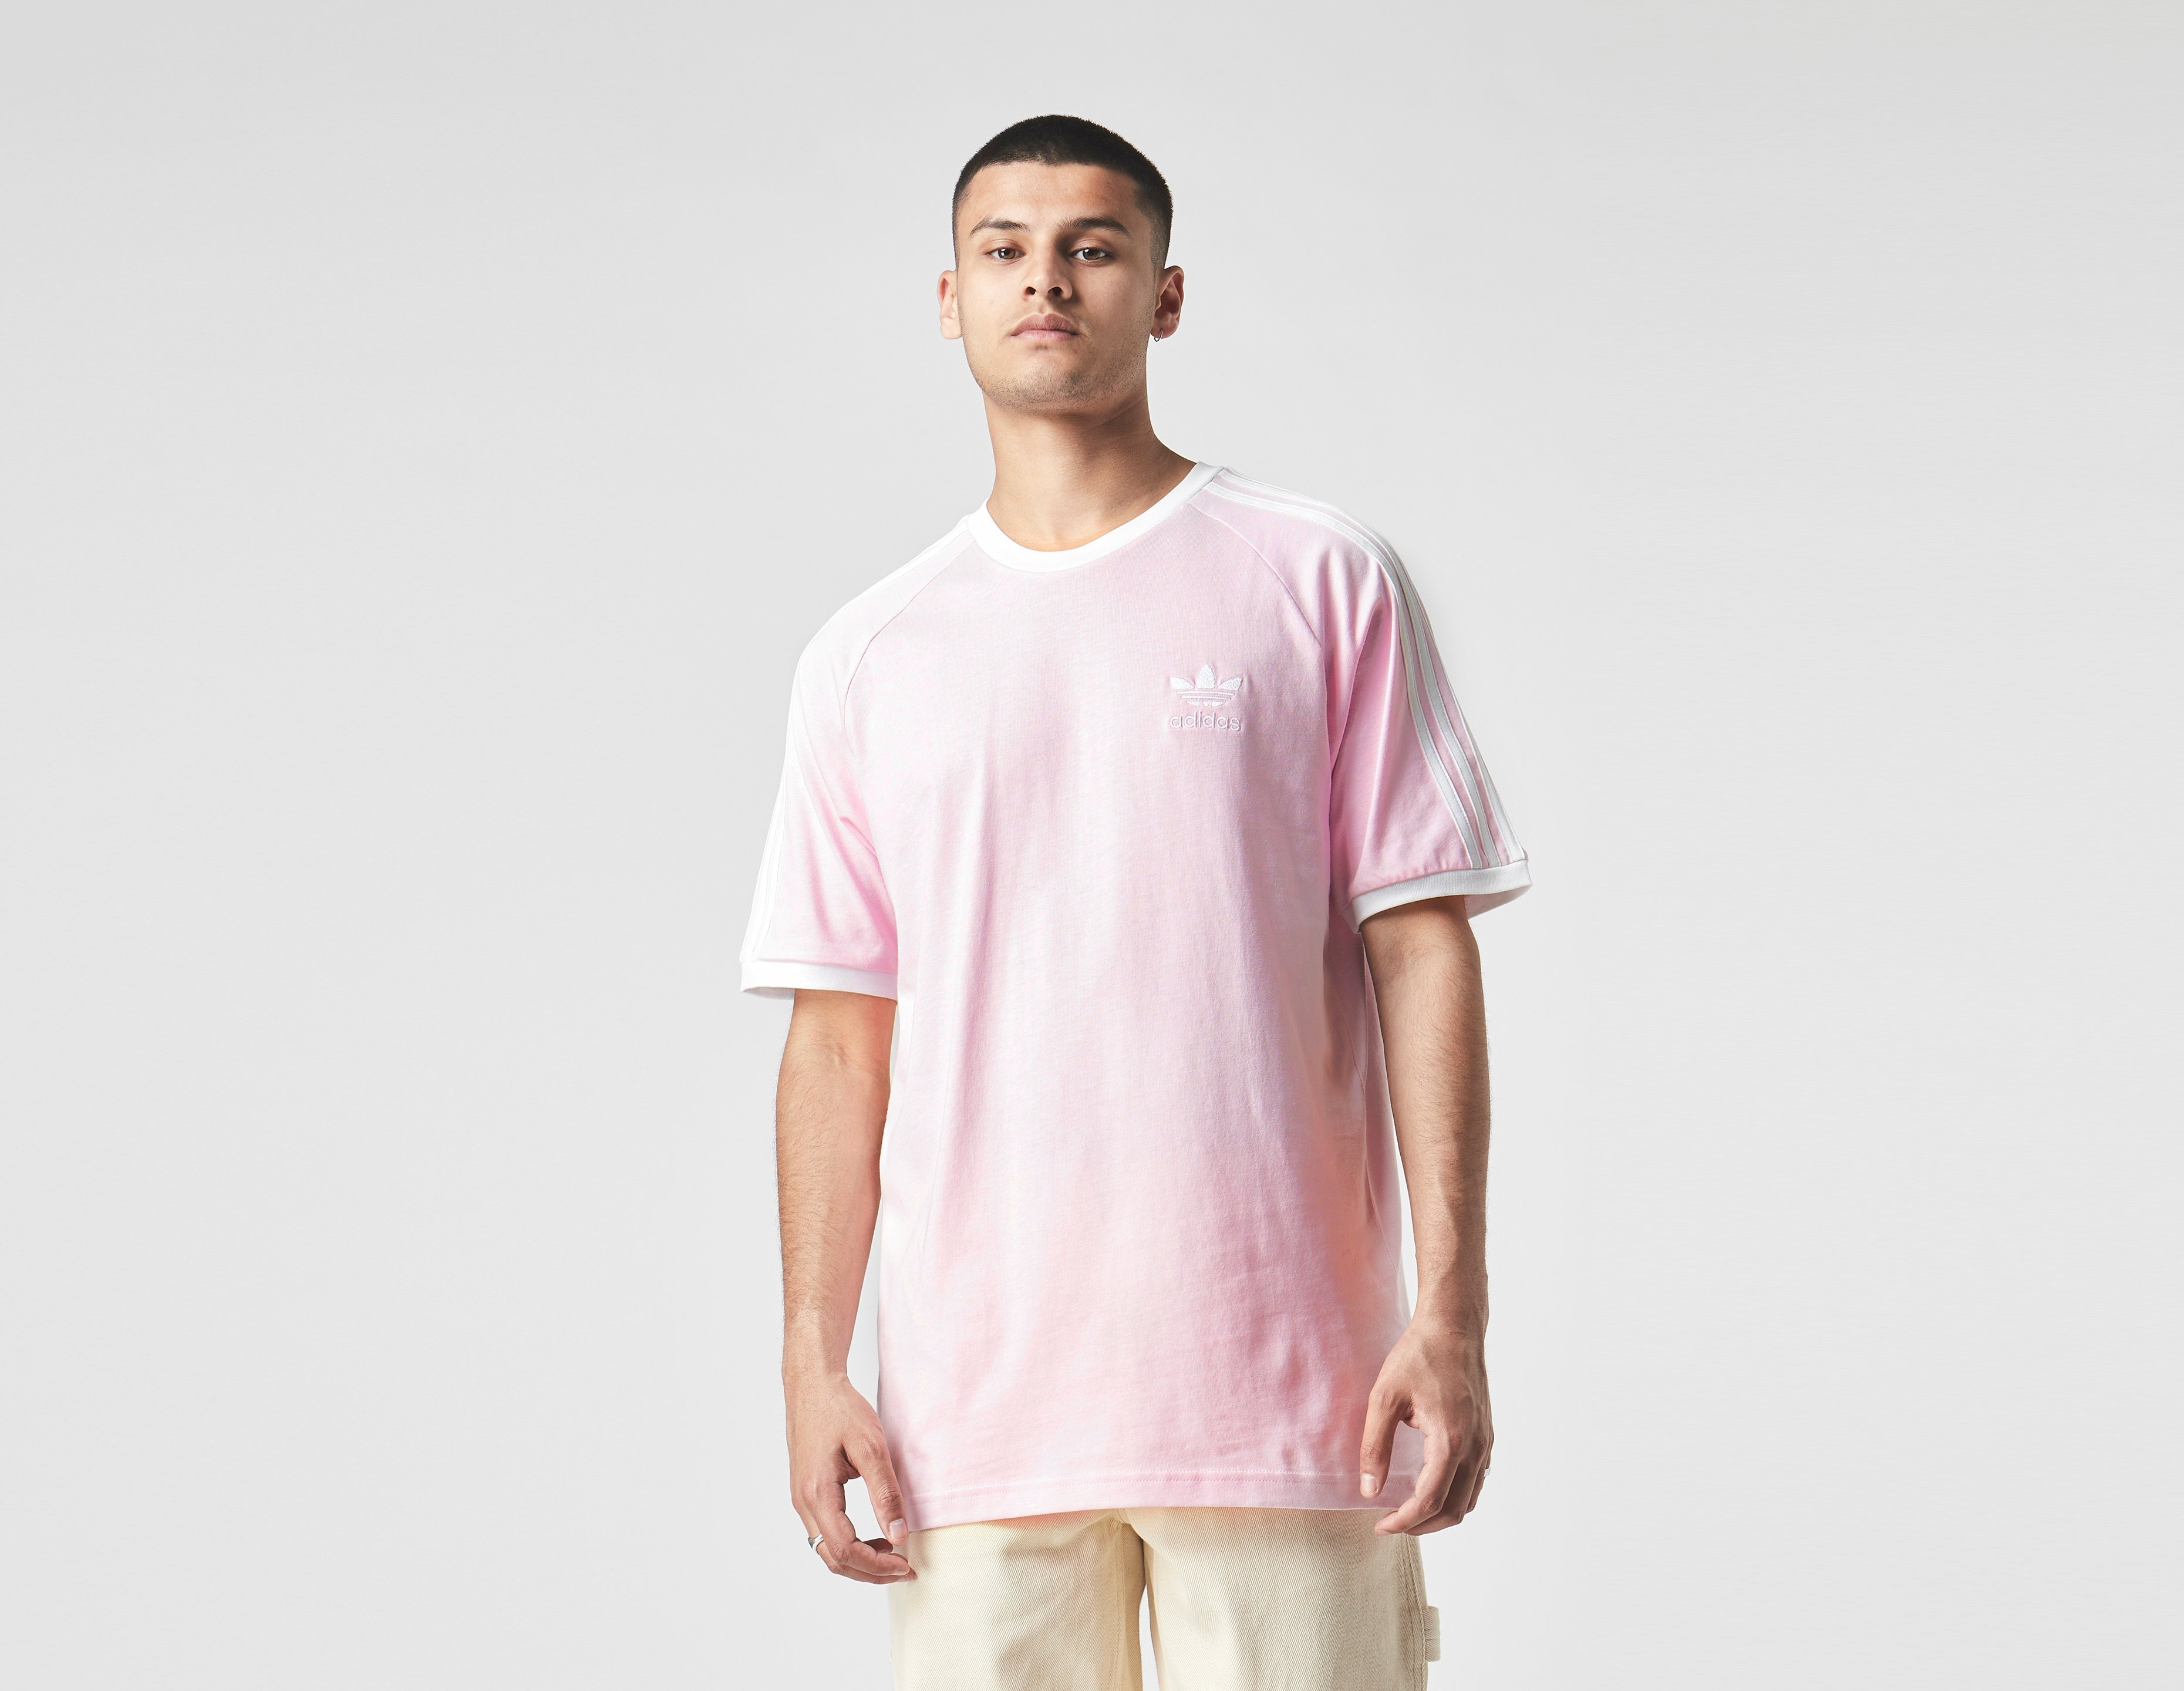 adidas Originals California T skjorta   Size?